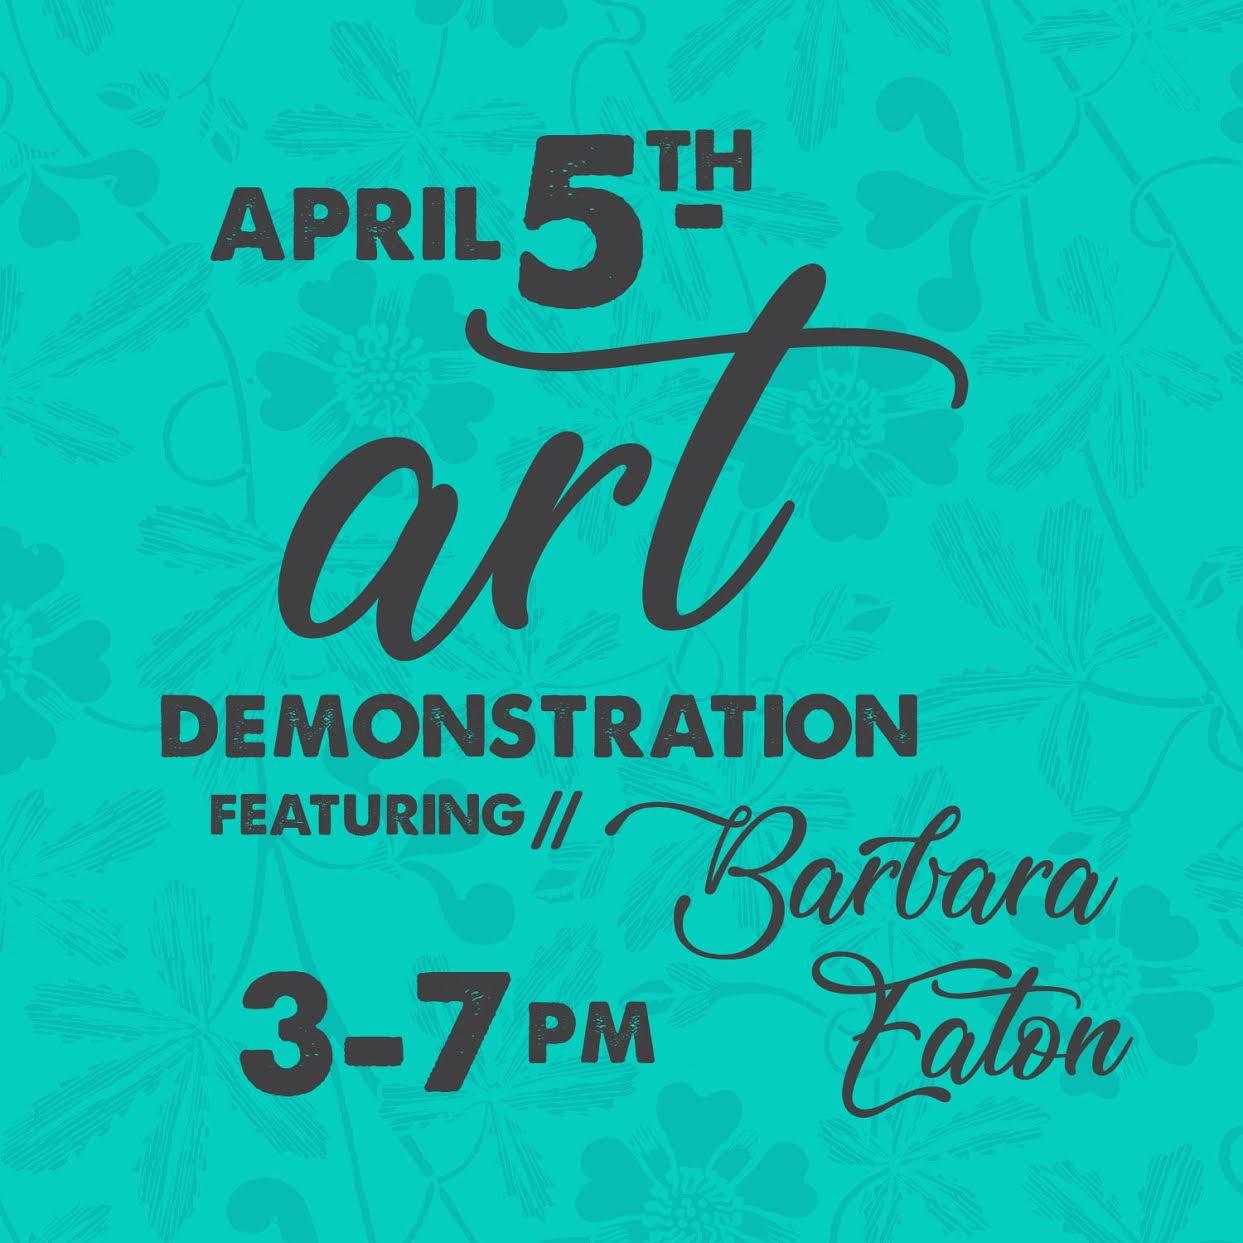 Barbara Eaton Caron Gallery Downtown Tupelo